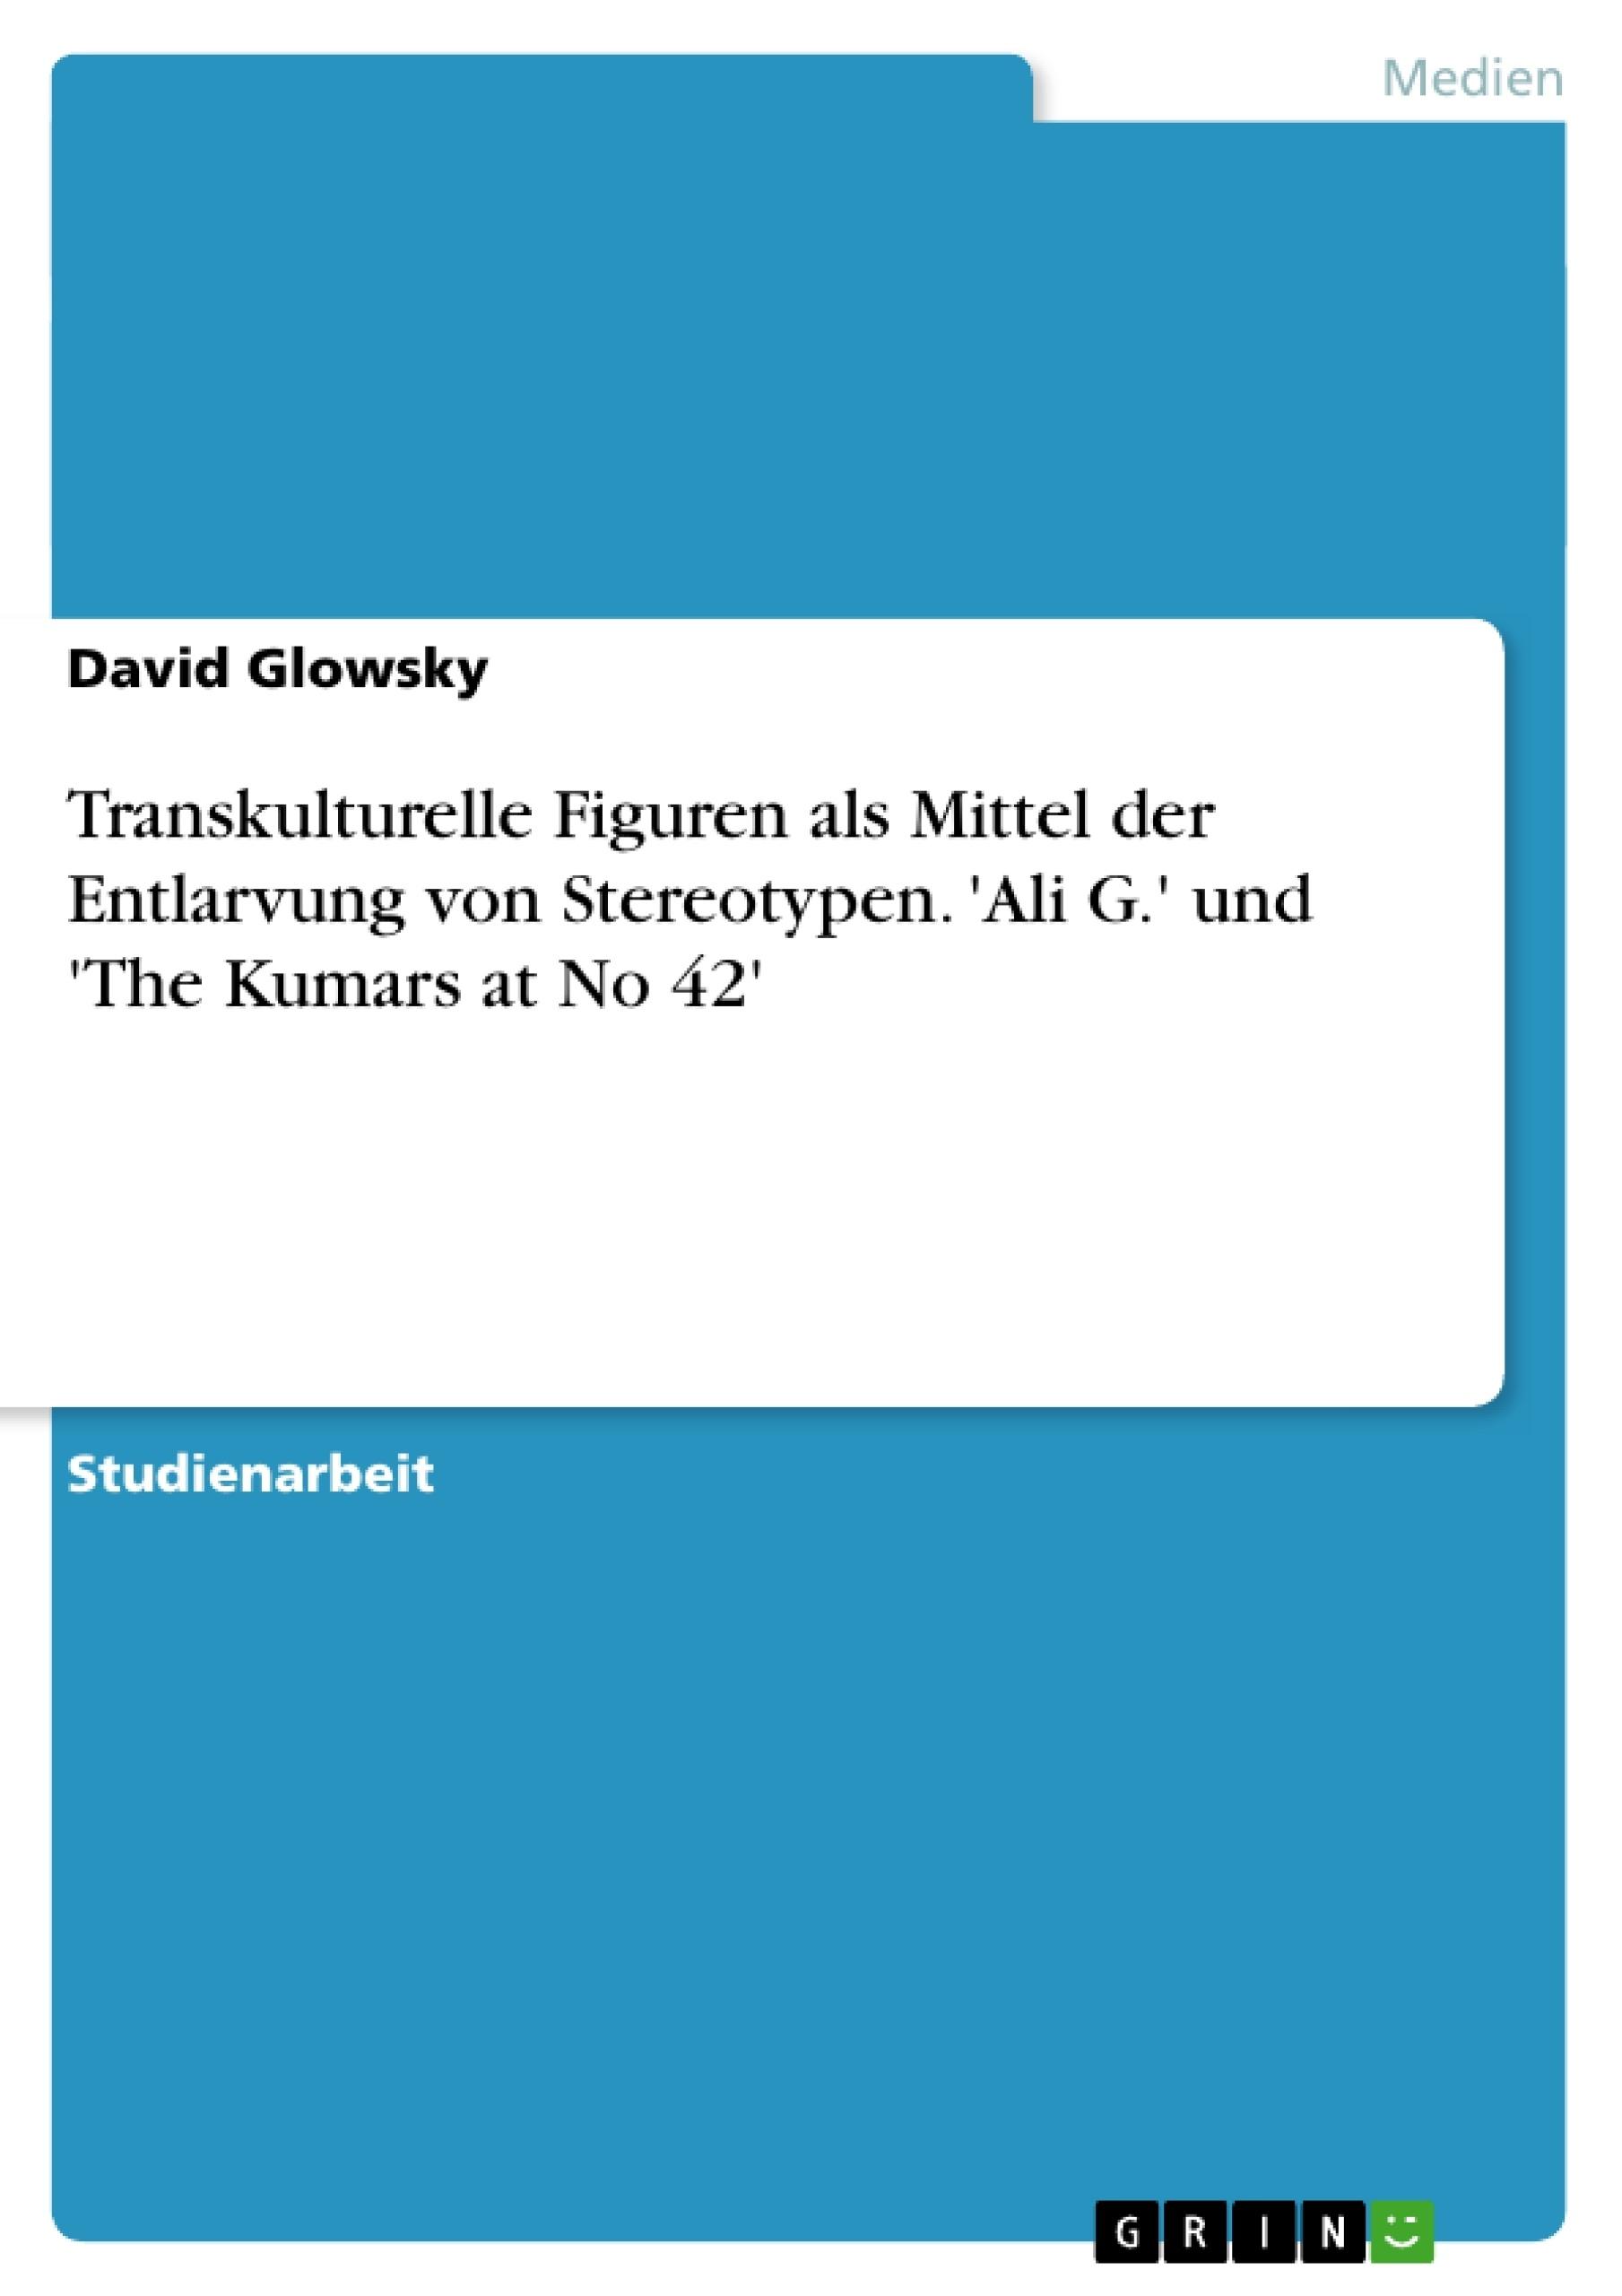 Titel: Transkulturelle Figuren als Mittel der Entlarvung von Stereotypen. 'Ali G.' und 'The Kumars at No 42'